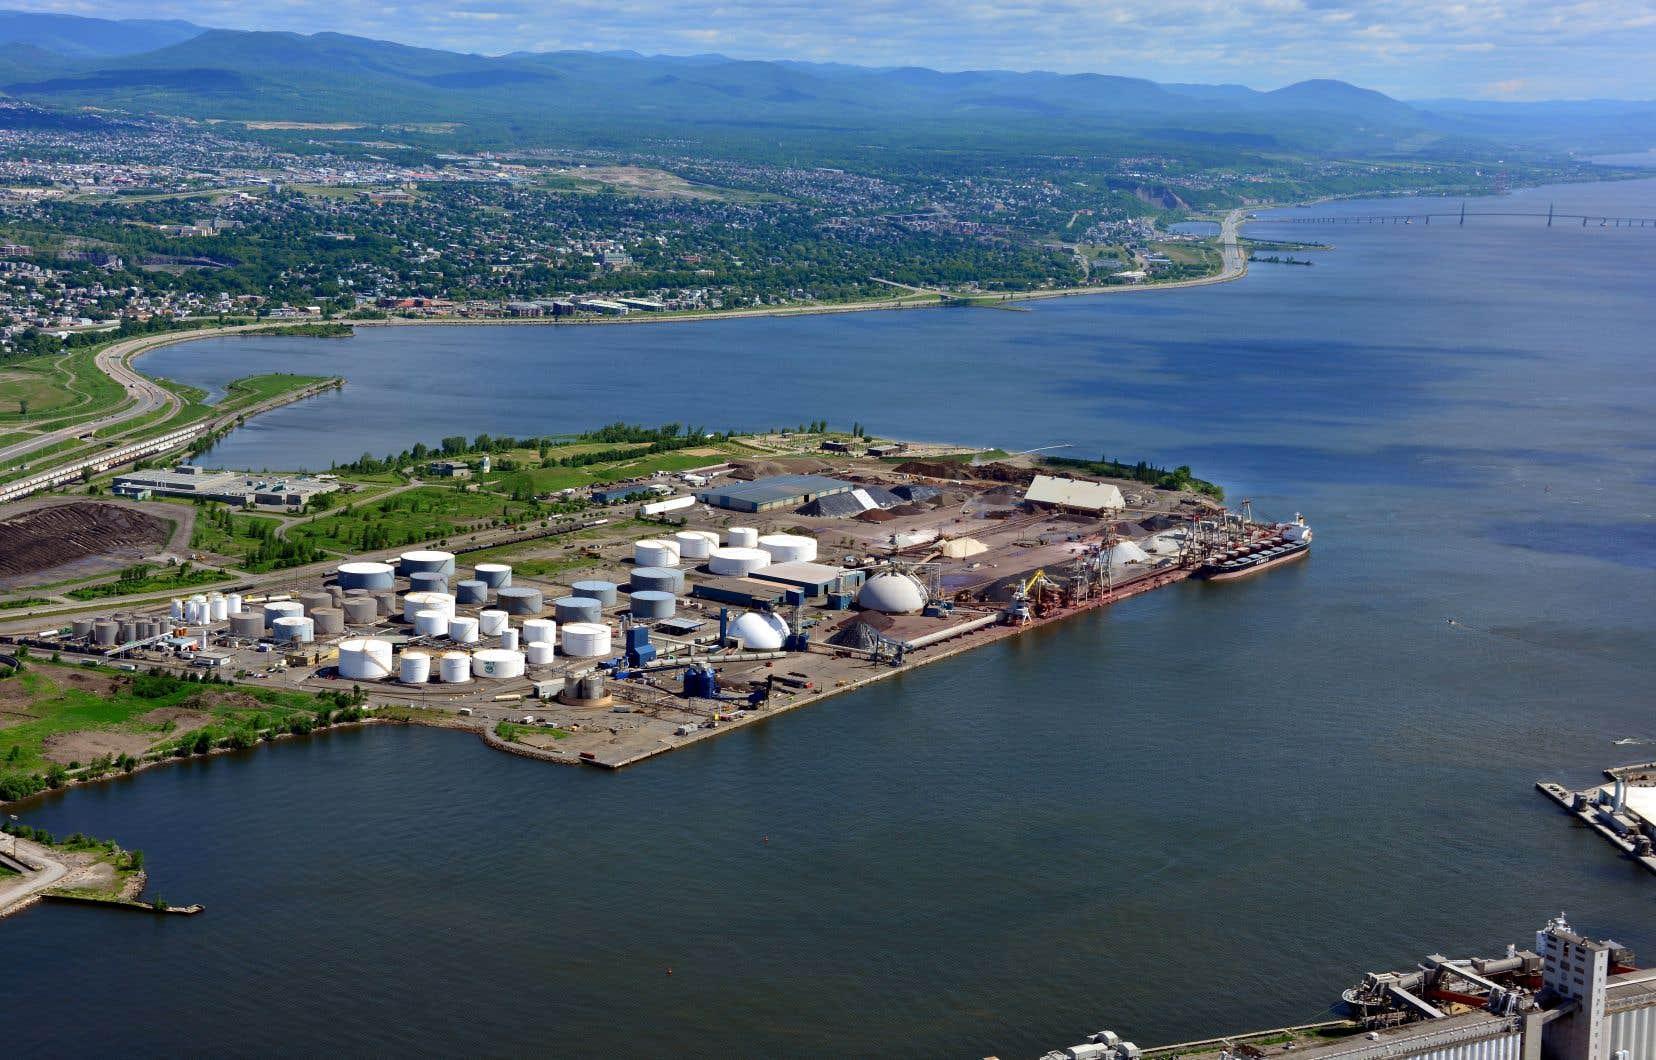 Le temps est venu de regarder du côté d'un avenir plus porteur pour la collectivité régionale: l'assainissement et la décontamination des friches industrielles qui longent les terrains du port de Québec.